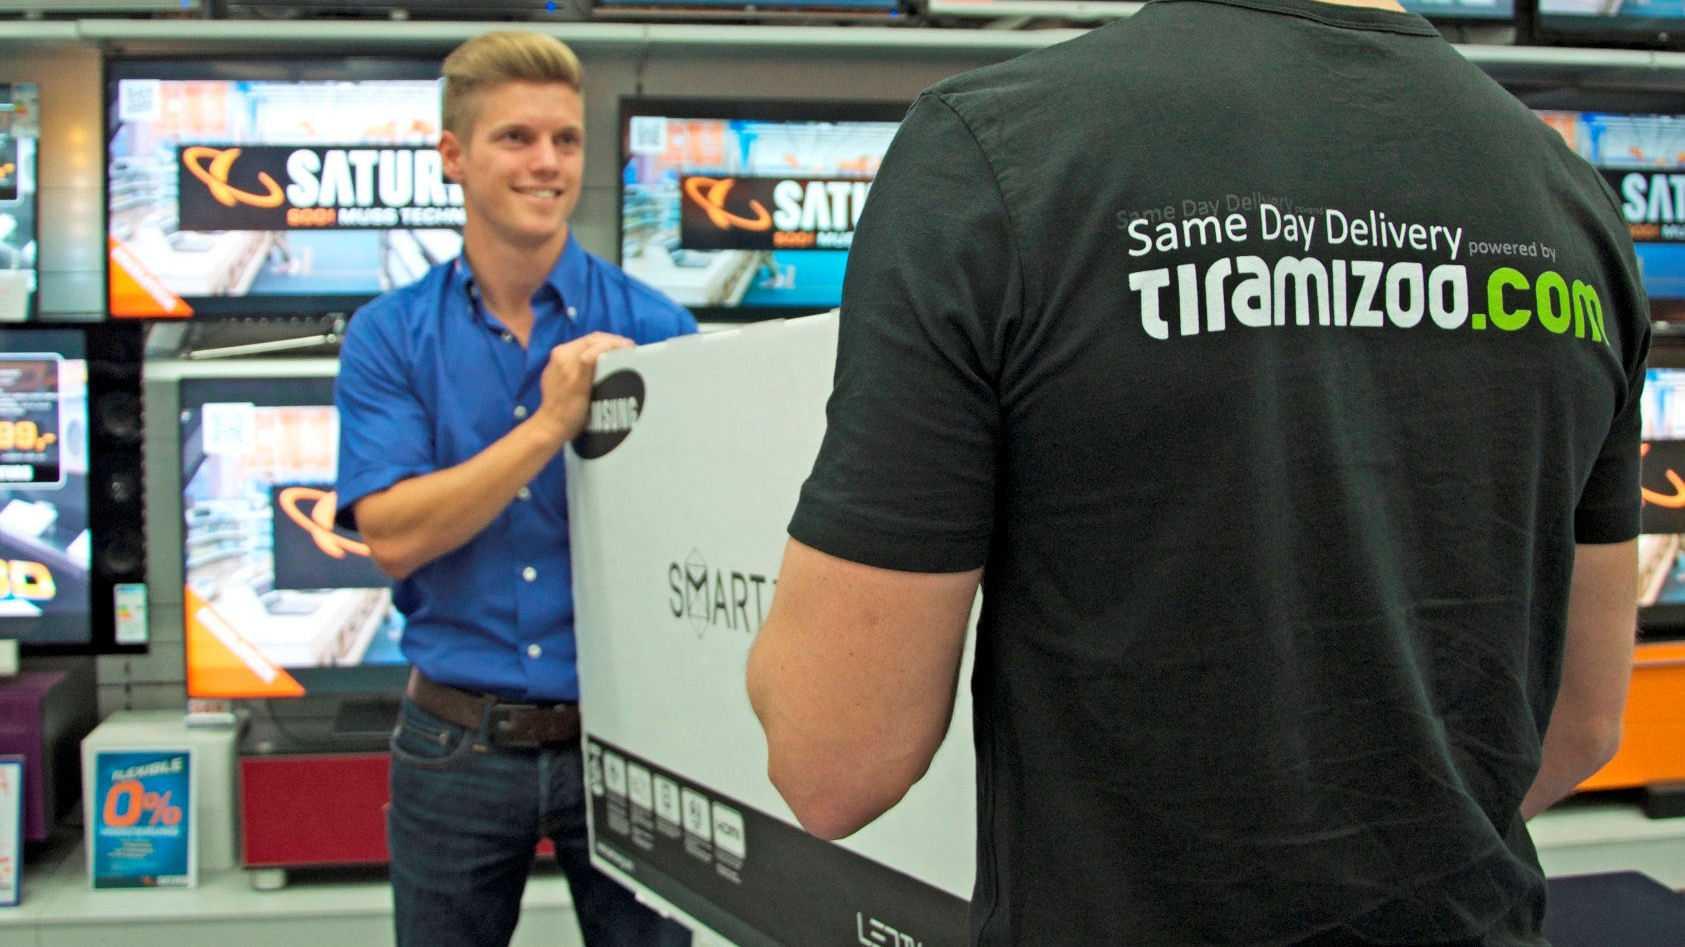 Nach Amazon startet auch Media-Saturn Lieferung am Tag der Bestellung